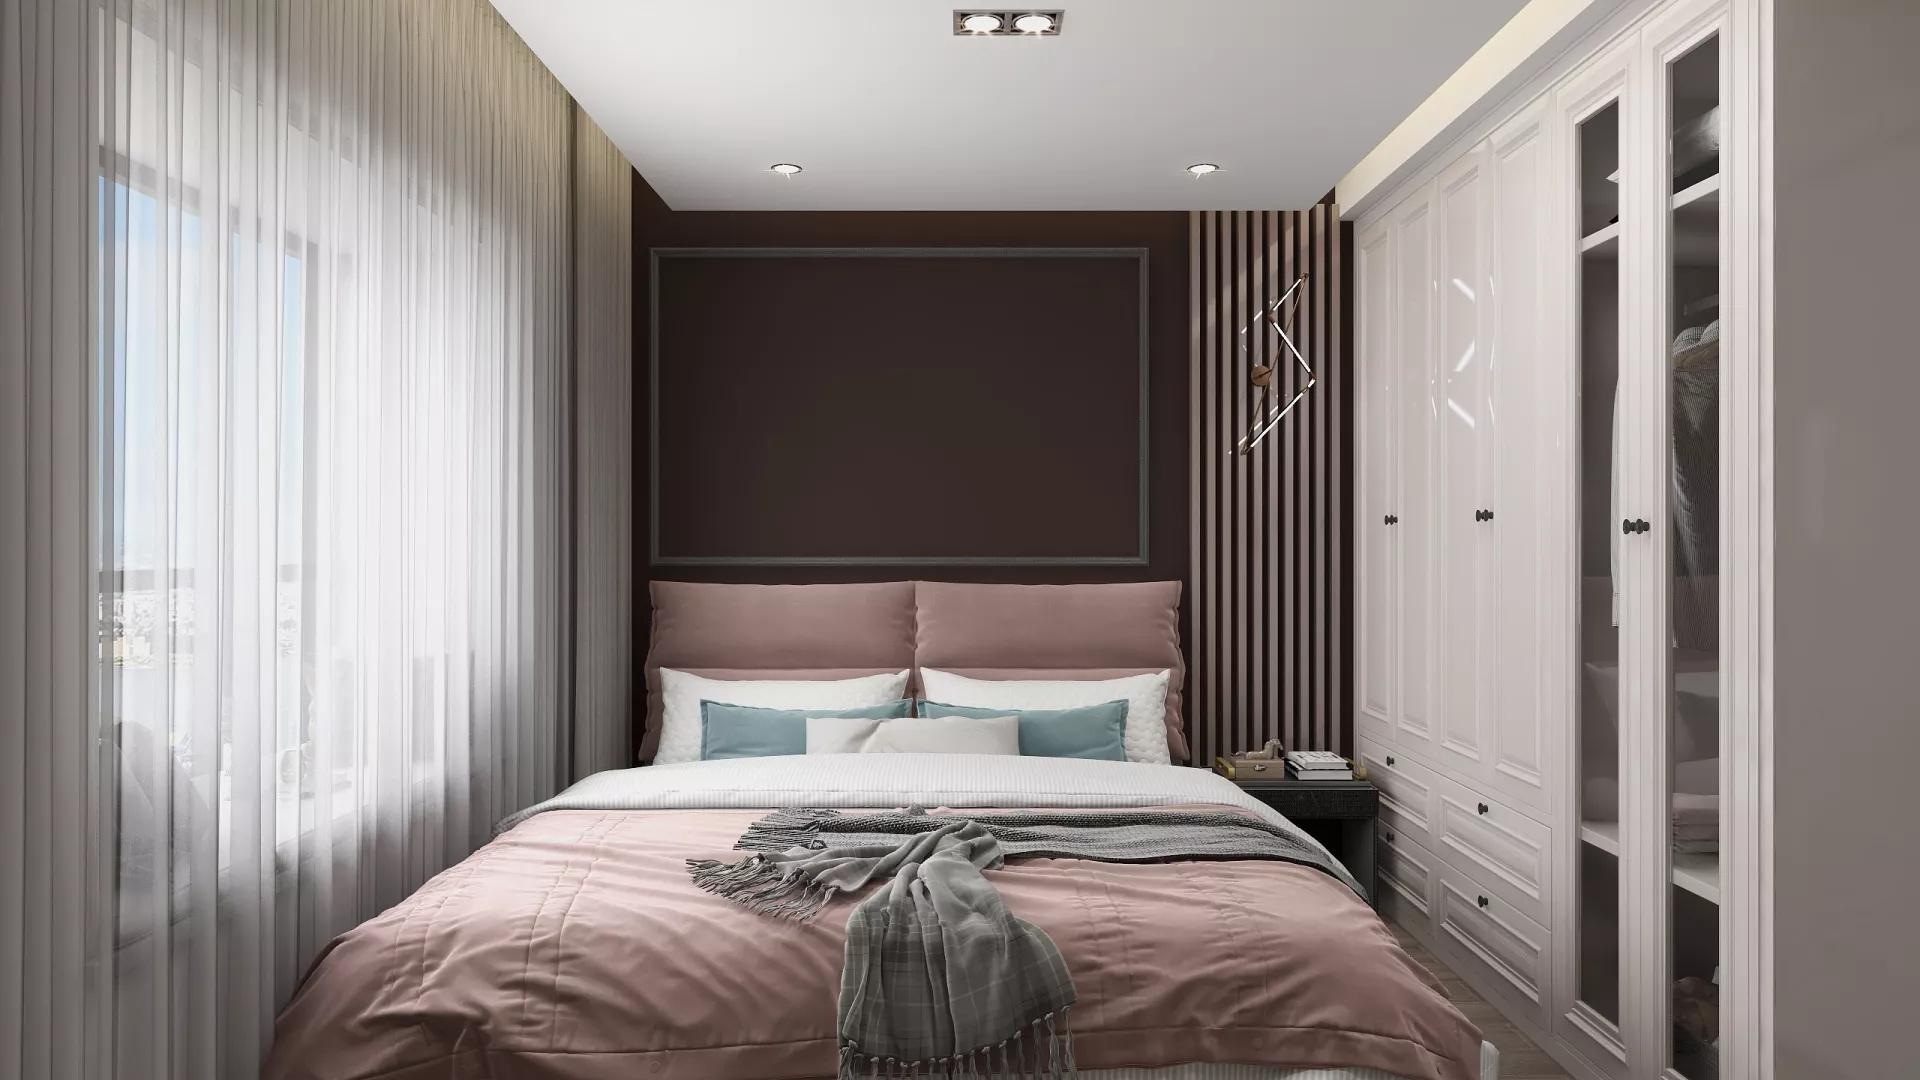 88㎡小复式时尚清新的客厅装修效果图